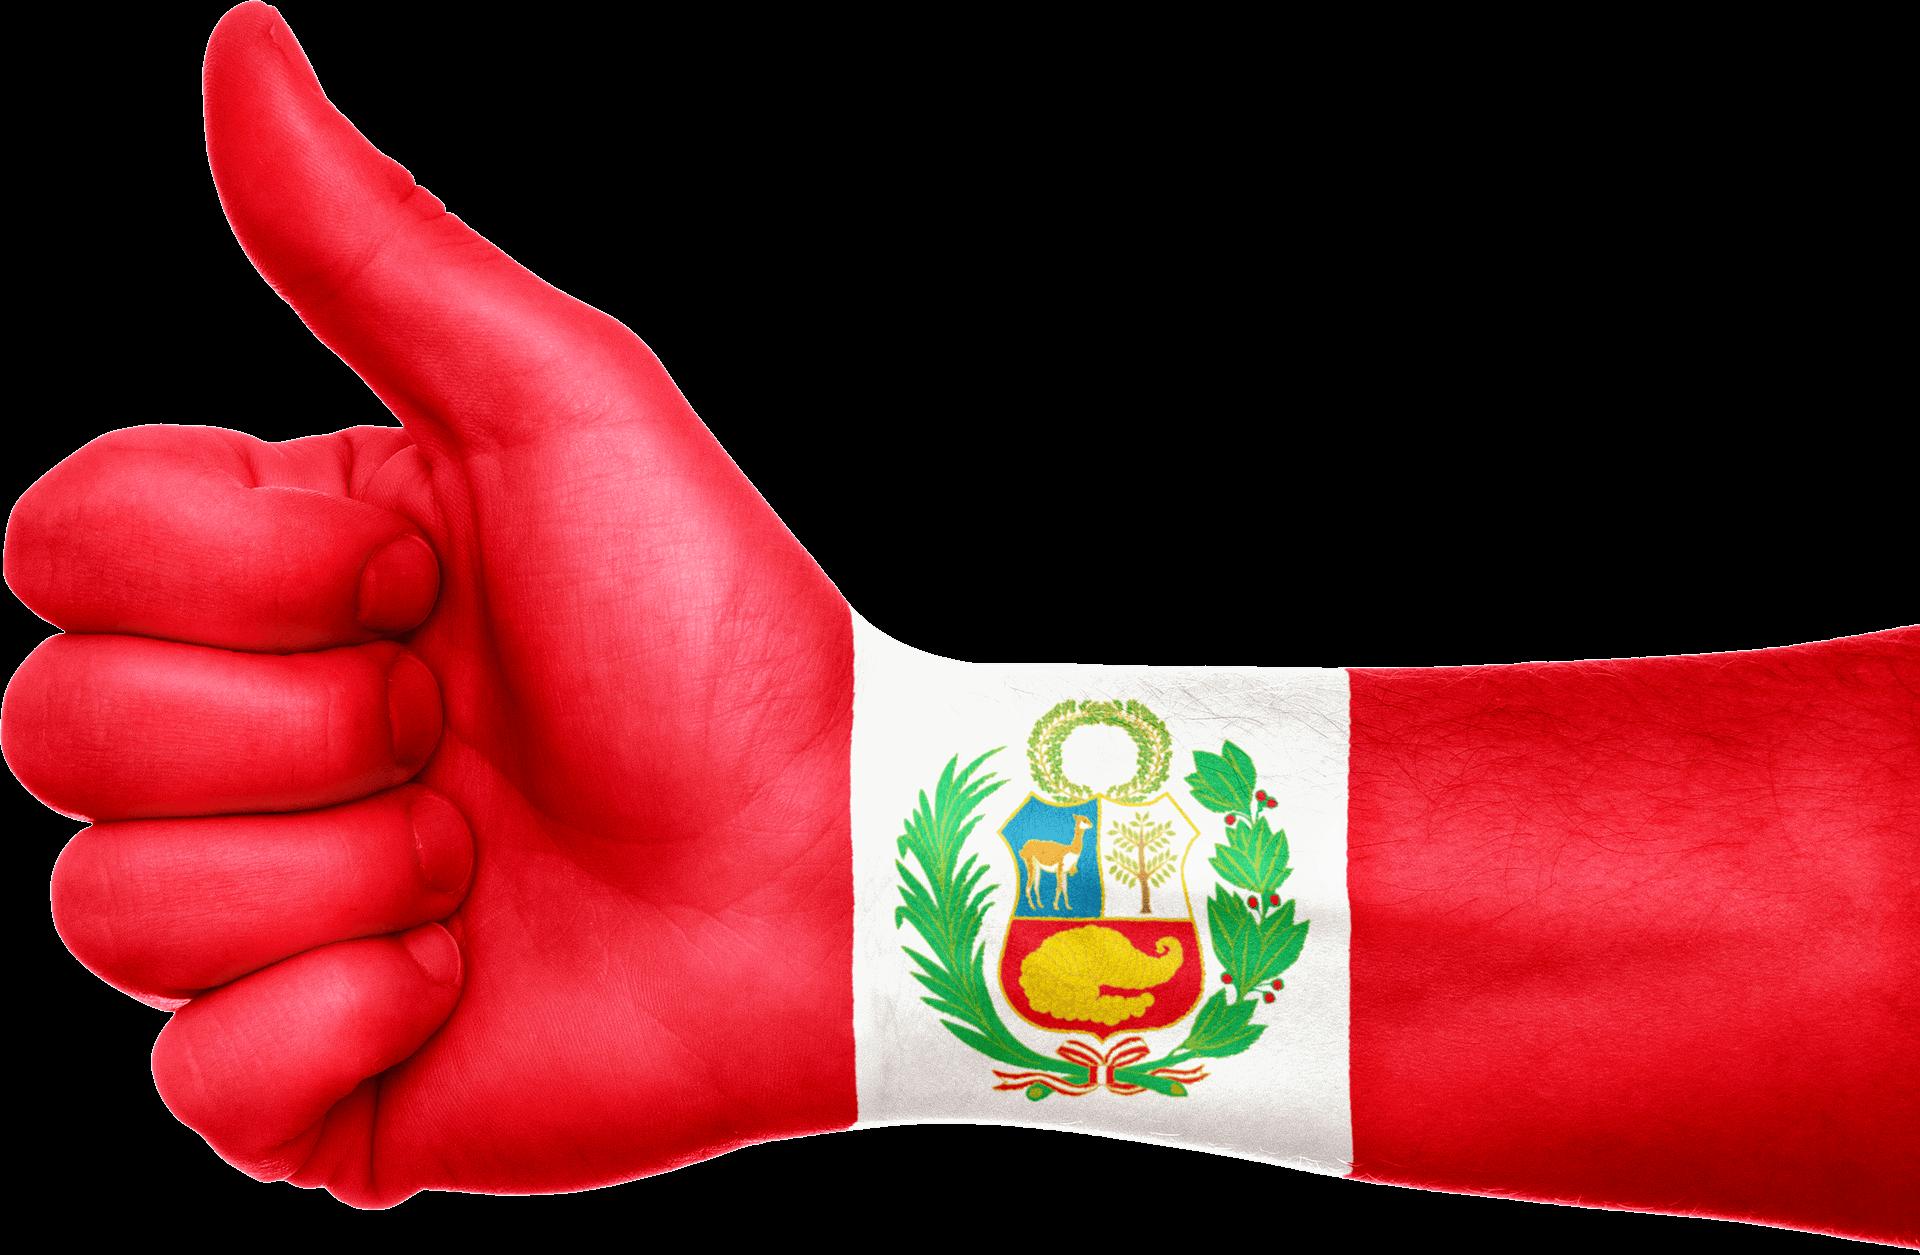 mejores casas de apuestas deportivas perú